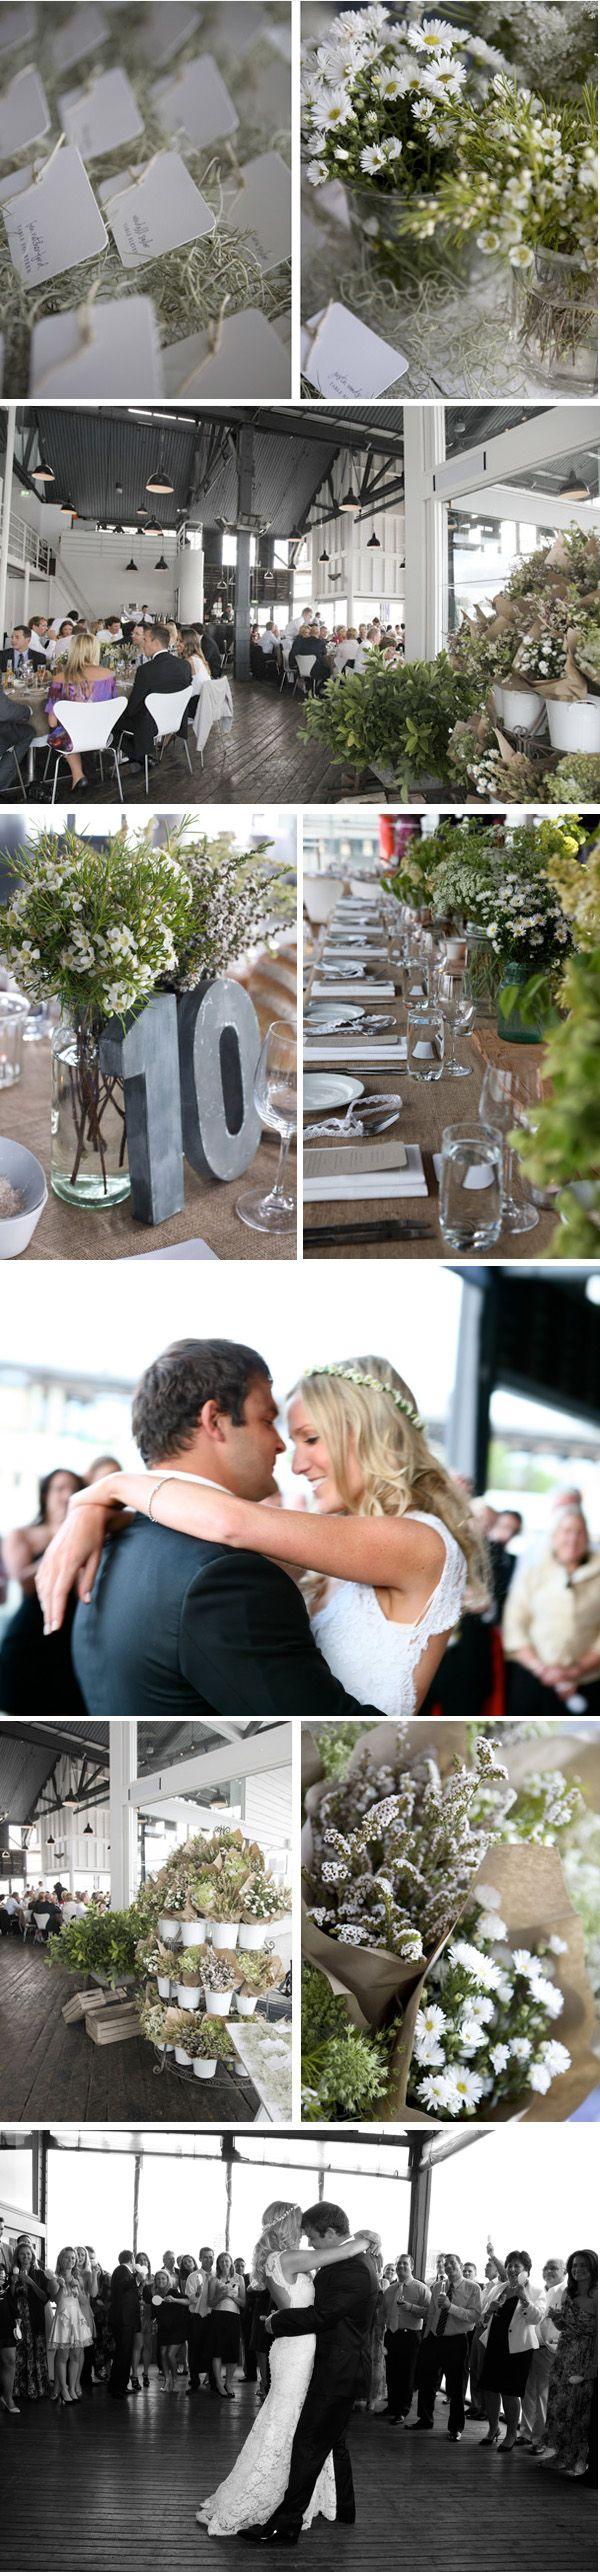 Свадьба на природе « Etiquette – организация свадеб. Свадебное агентство. Свадьба киев. Організація весілля